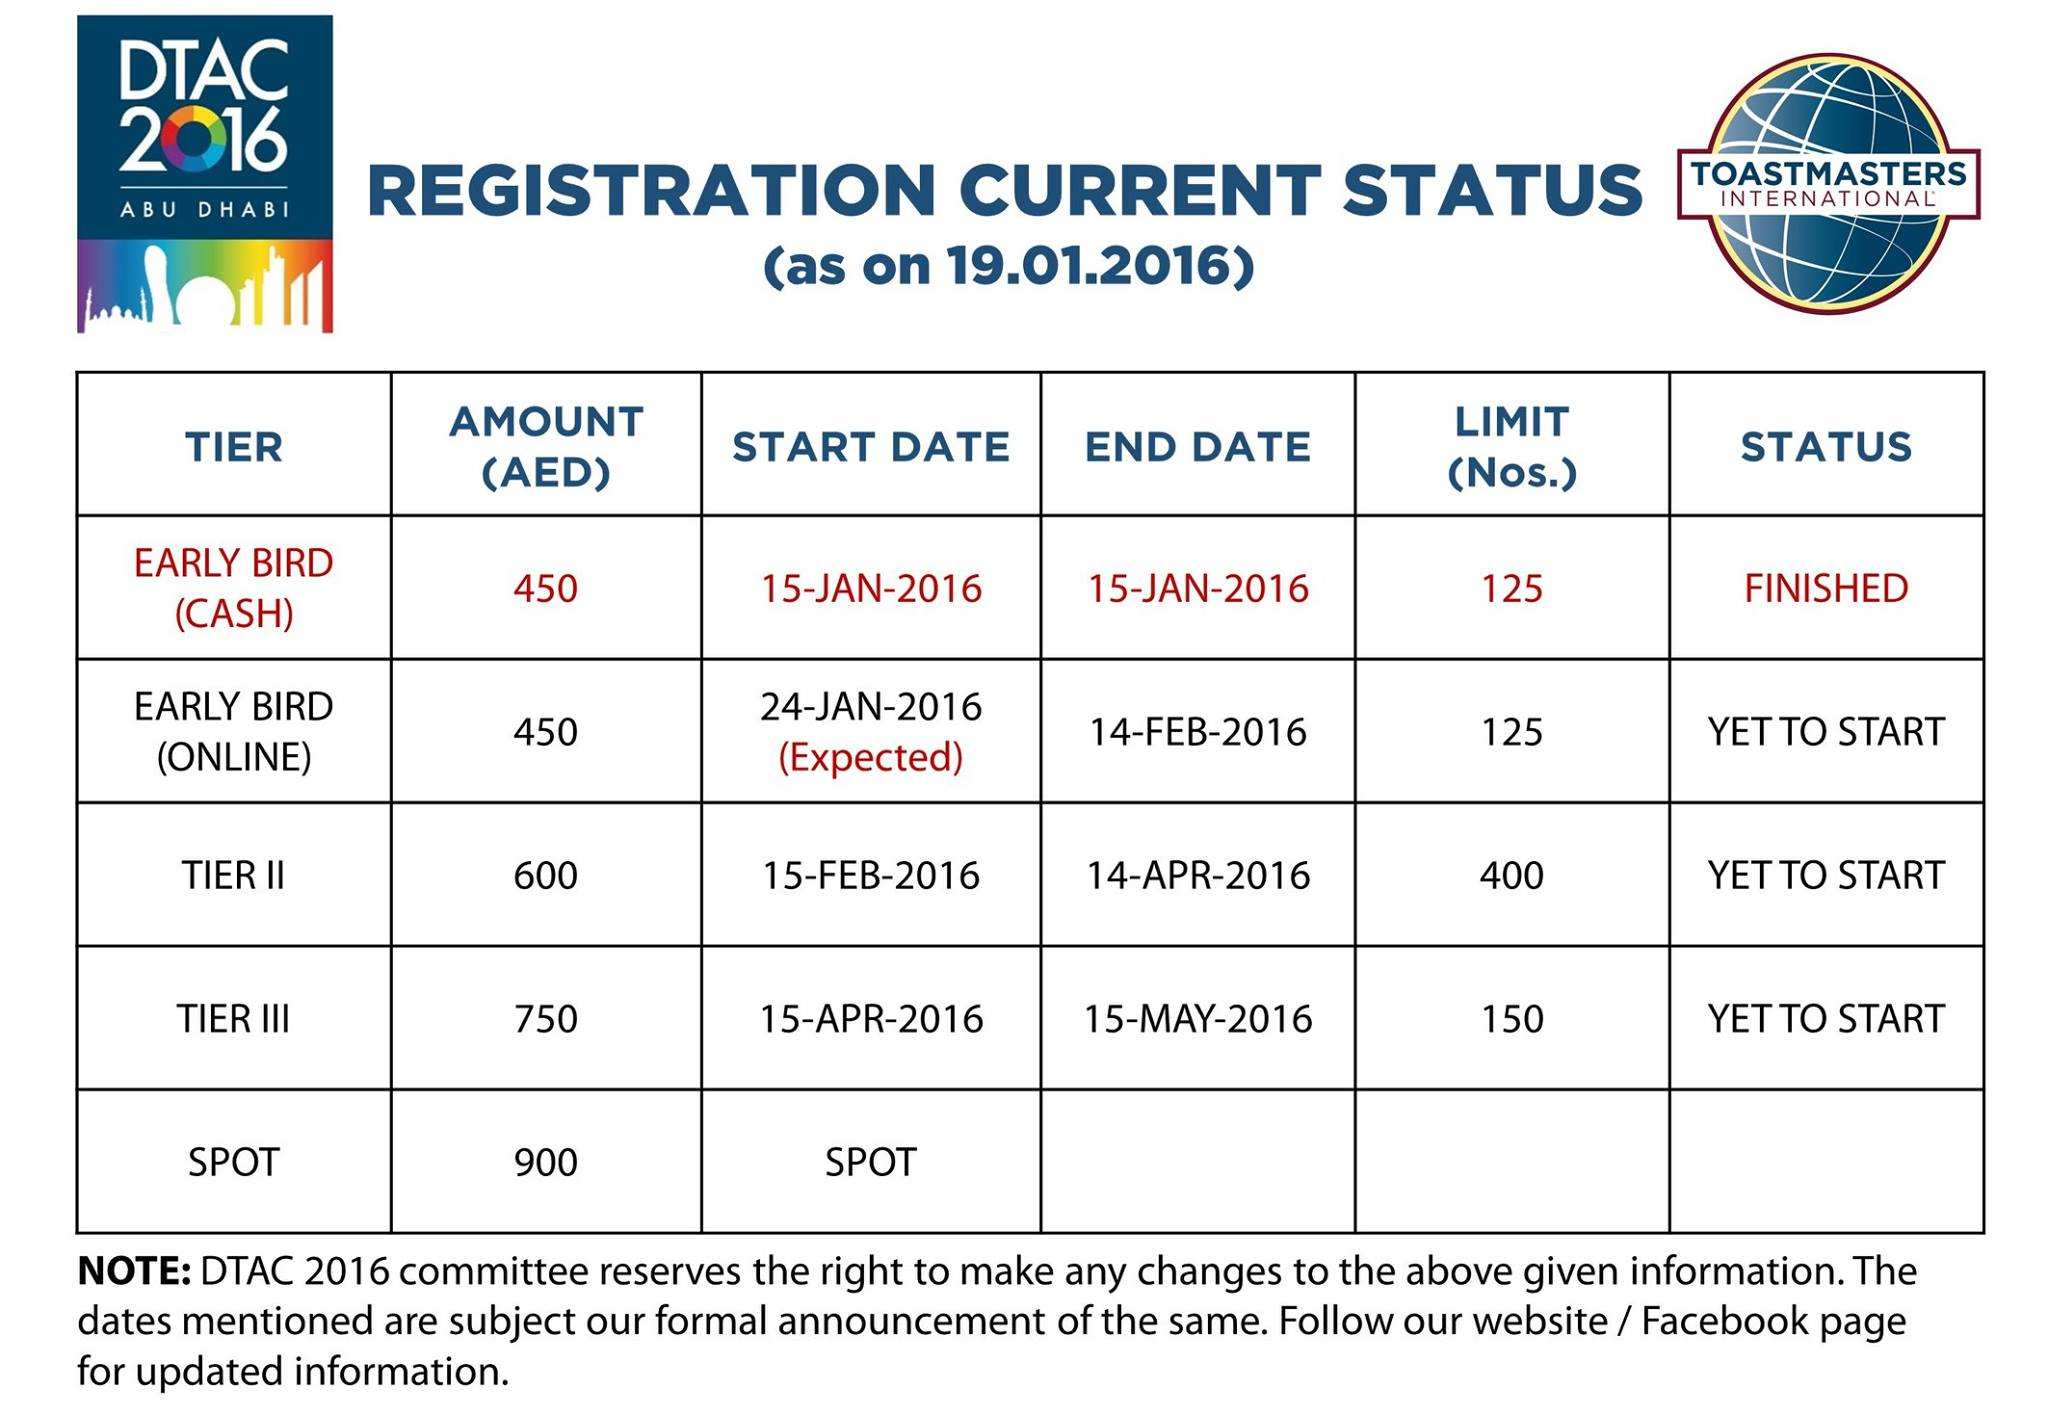 DTAC 2016 Registration